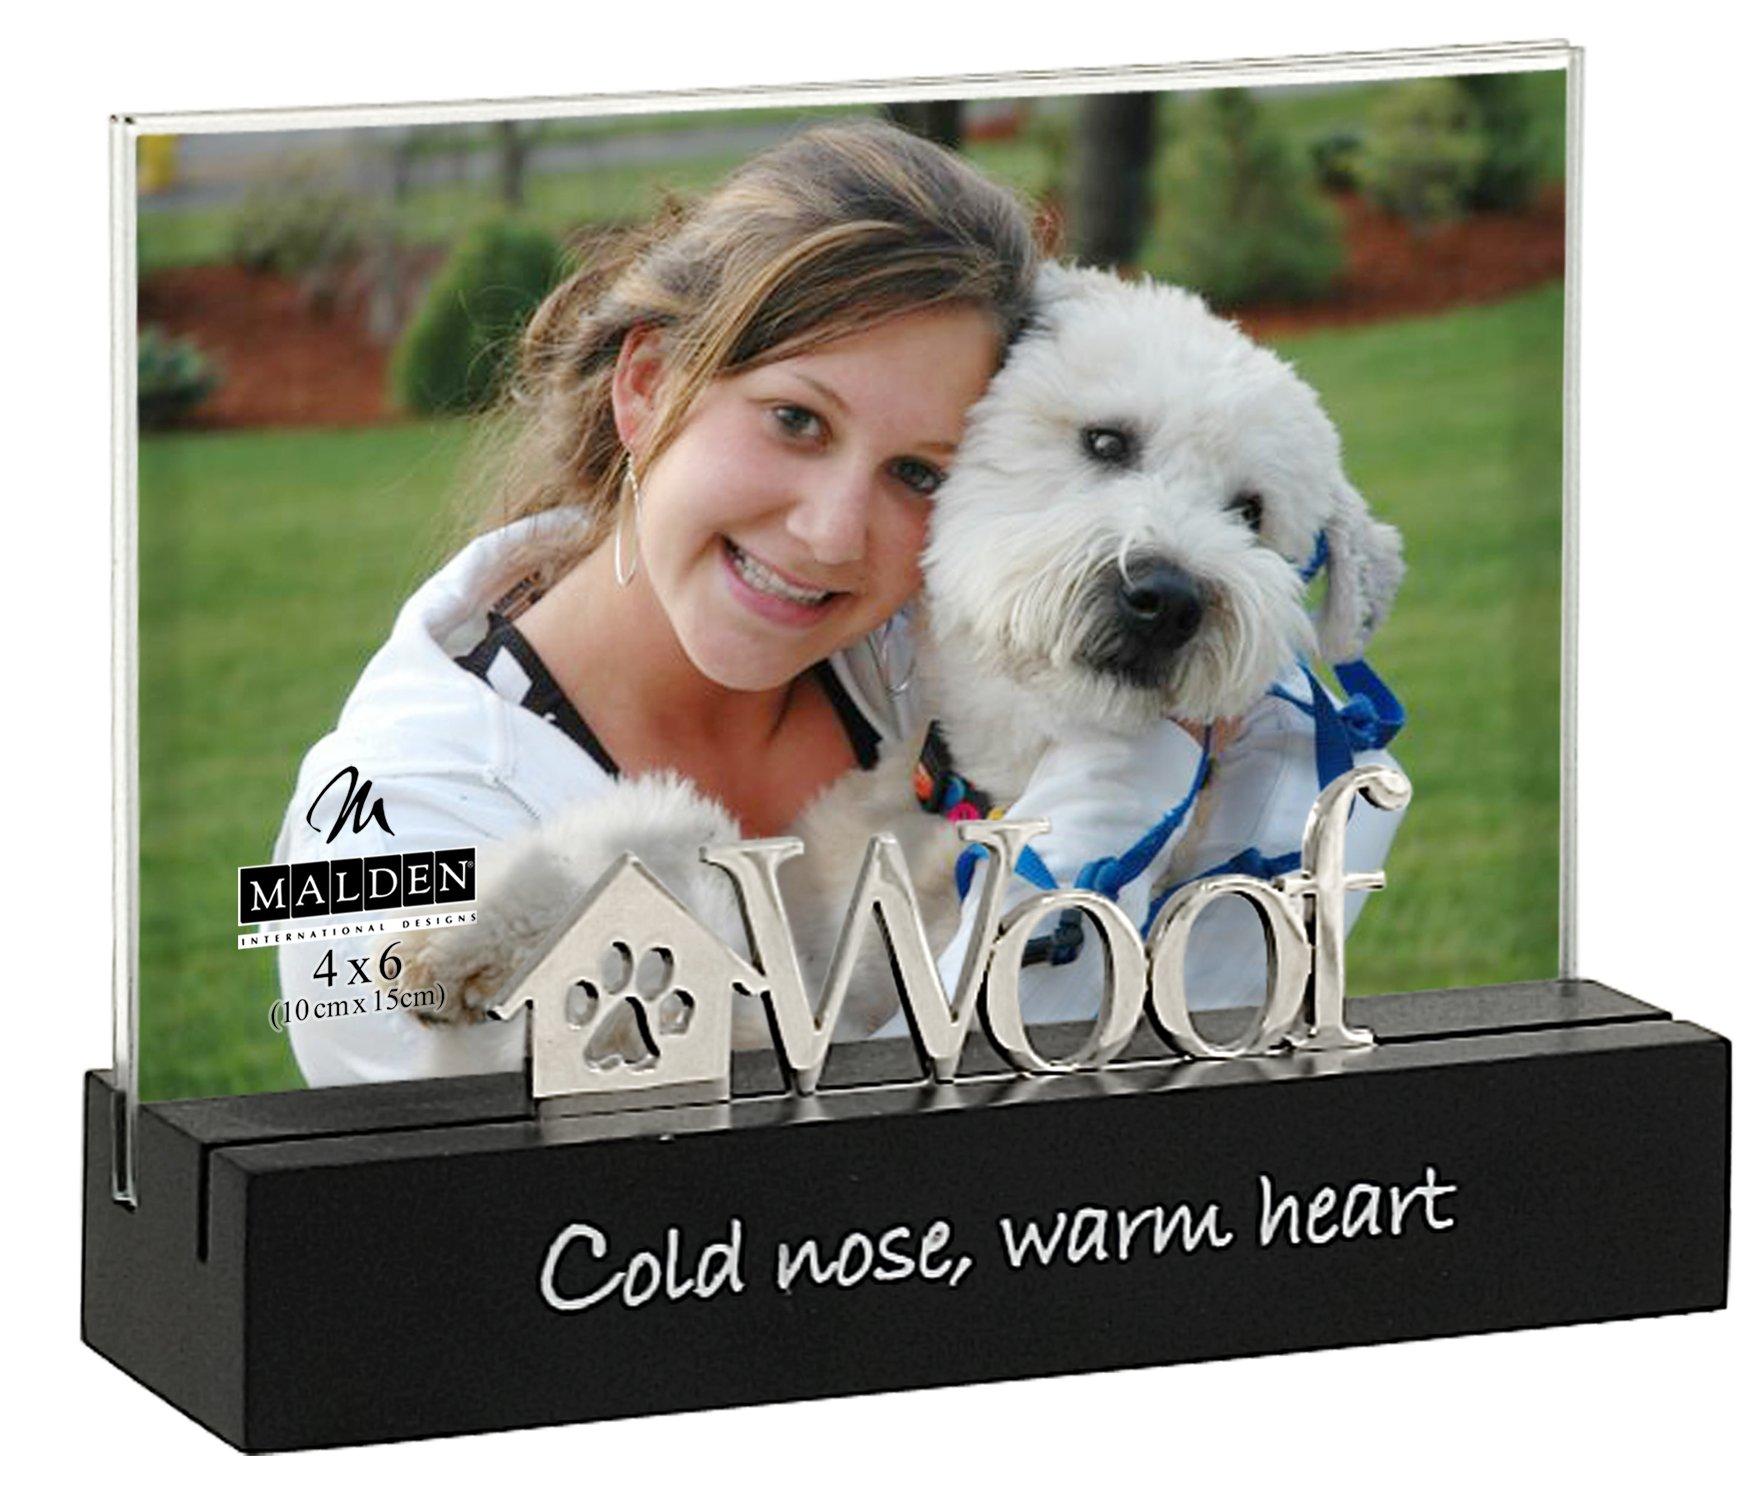 Malden International Designs Woof Black Wood Desktop Expression Picture Frame, 4x6, Black